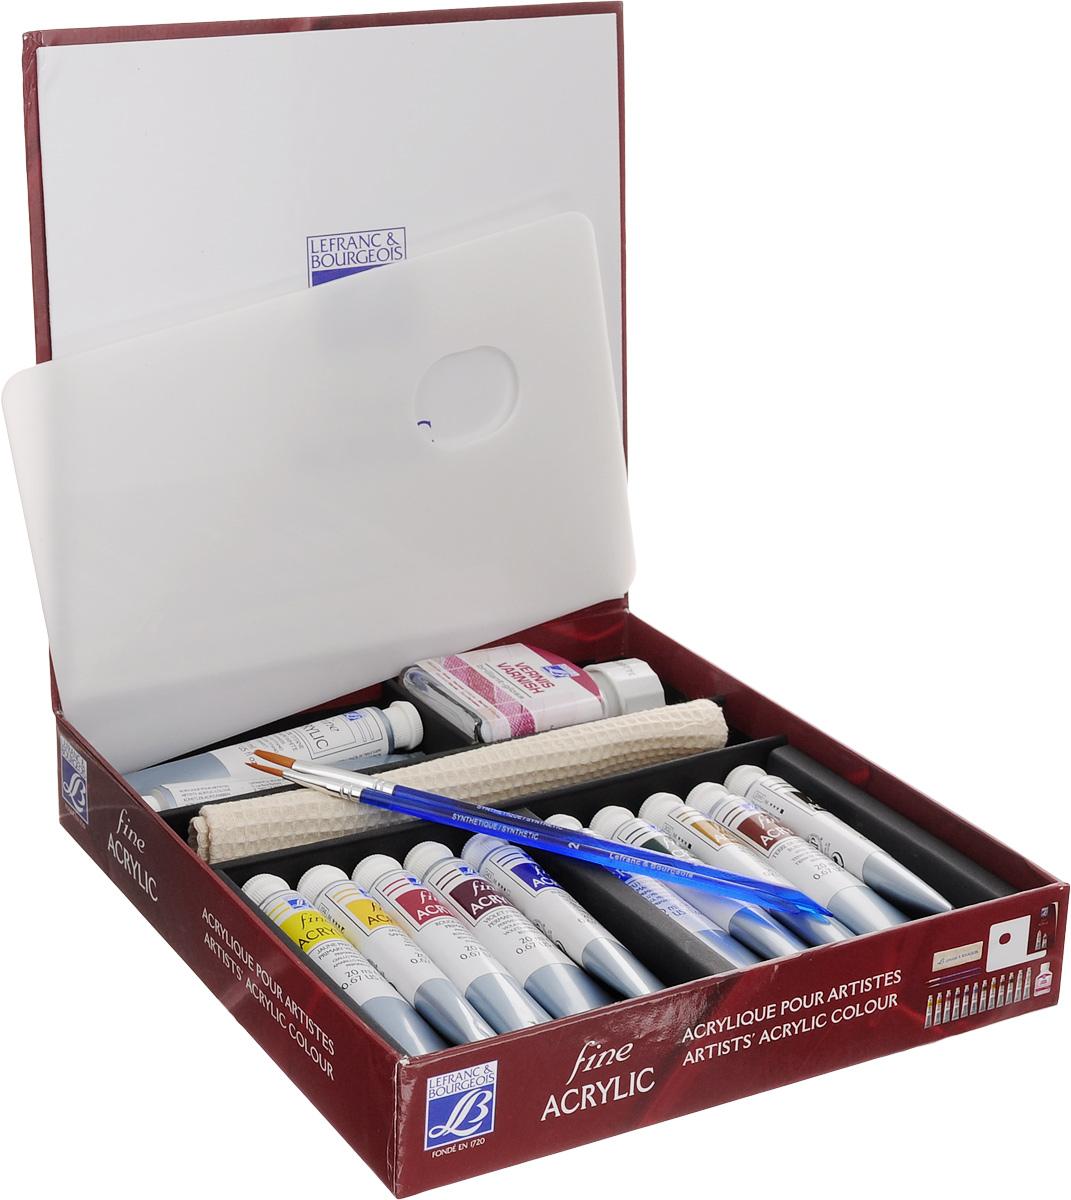 Набор акриловых красок Lefranc & Bourgeois Fine Artist, 17 предметовLF236153Набор Lefranc & Bourgeois Fine Artist включает 10 пластиковых тюбиков акриловой краски разных цветов, 2 тюбика белой краски Titanium White, глянцевый лак в стеклянной банке, 2 кисти №2 и №6, палитру для смешивания красок и полотенце для рук с вышитым логотипом.Краски могут использоваться на разнообразных поверхностях, разводятся в воде. Достаточно нанести один слой. При нанесении обеспечивают красивое покрытие с эффектом сатина.Объем красок: 20 мл.Количество цветов: 11.Объем лака: 75 мл.Размер полотенца: 18,5 х 19 см.Длина кистей: 18 см, 19 см.Размер палитры для смешивания красок: 23 х 15 см.